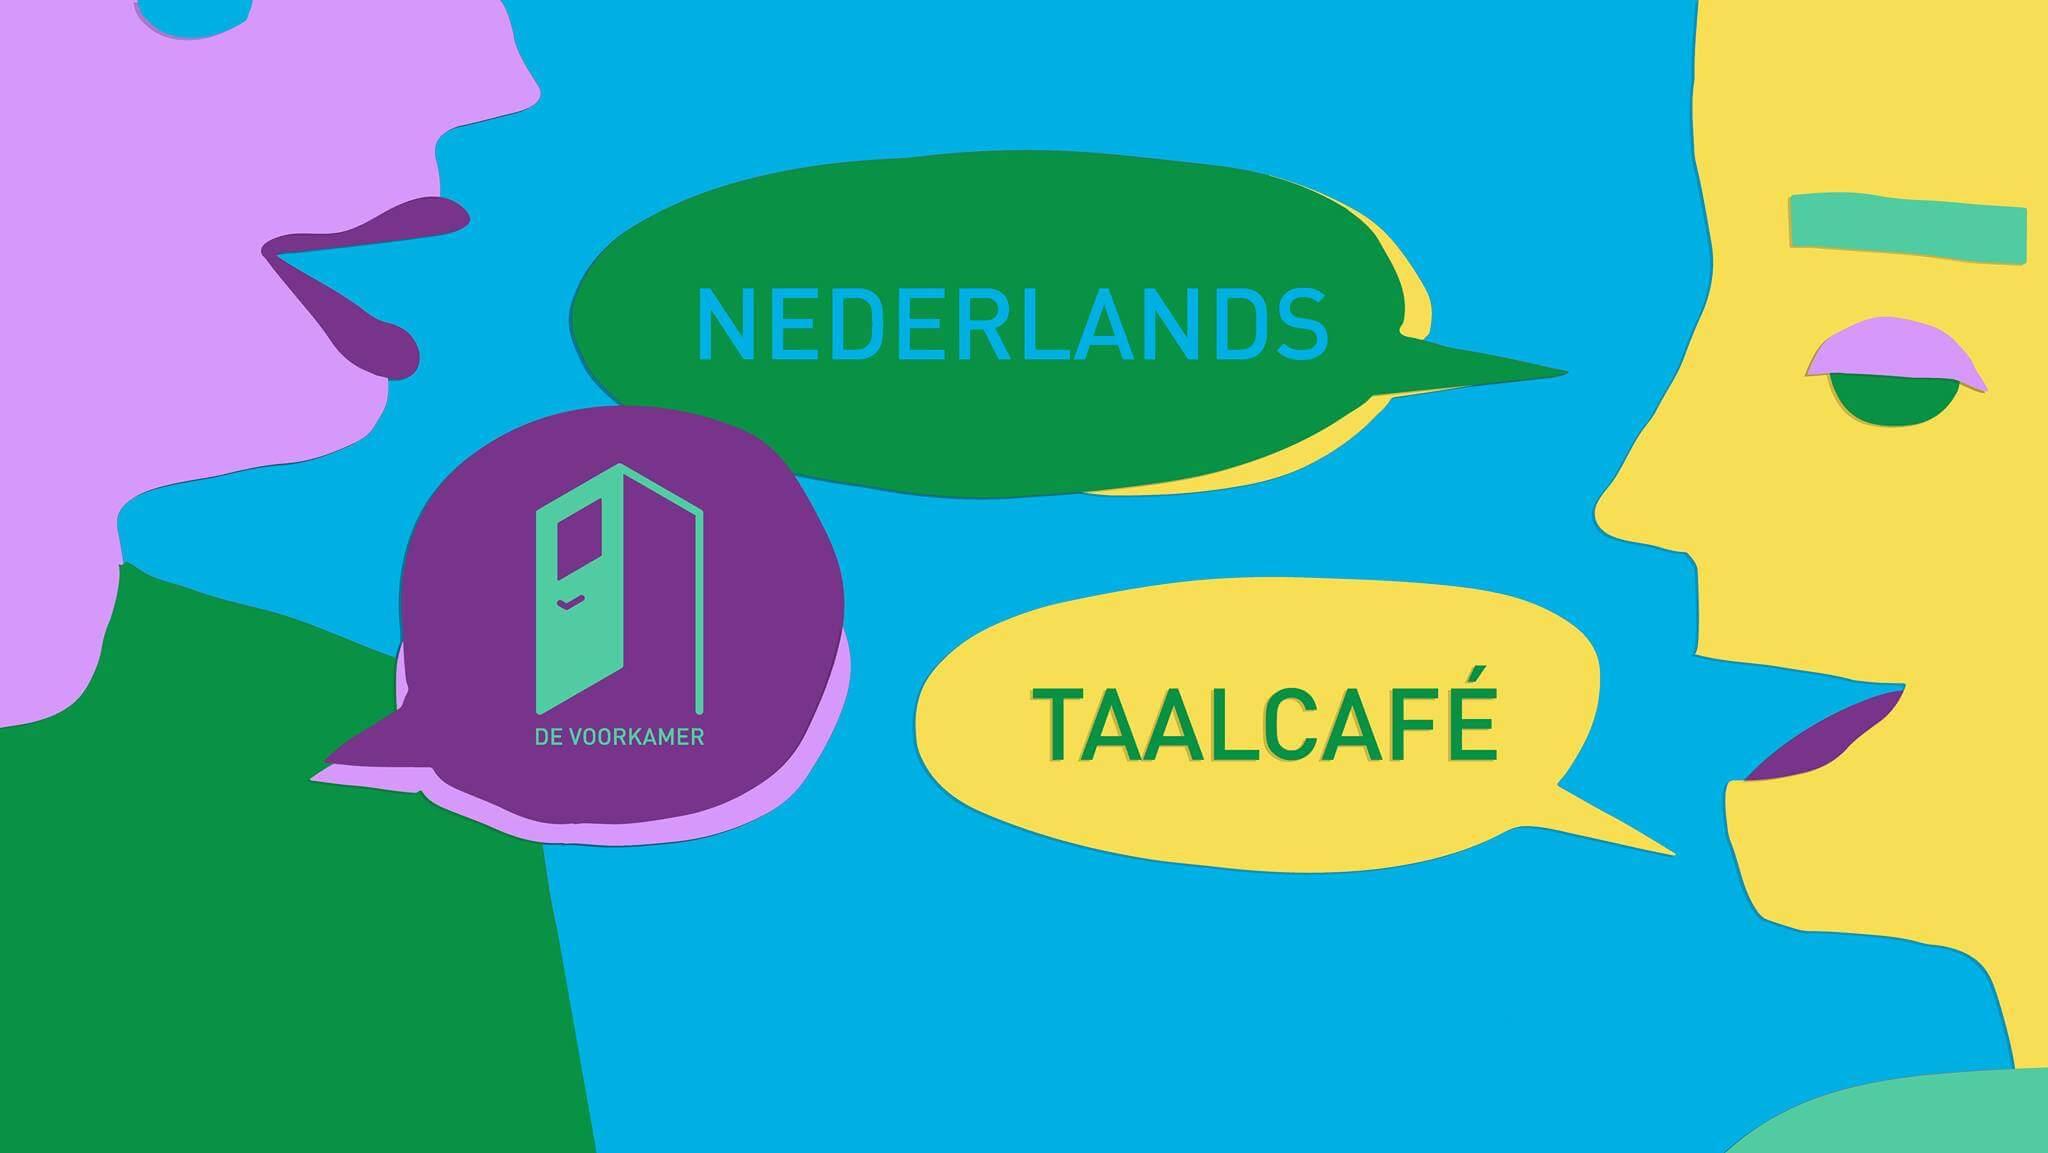 Nederlands taalcafe